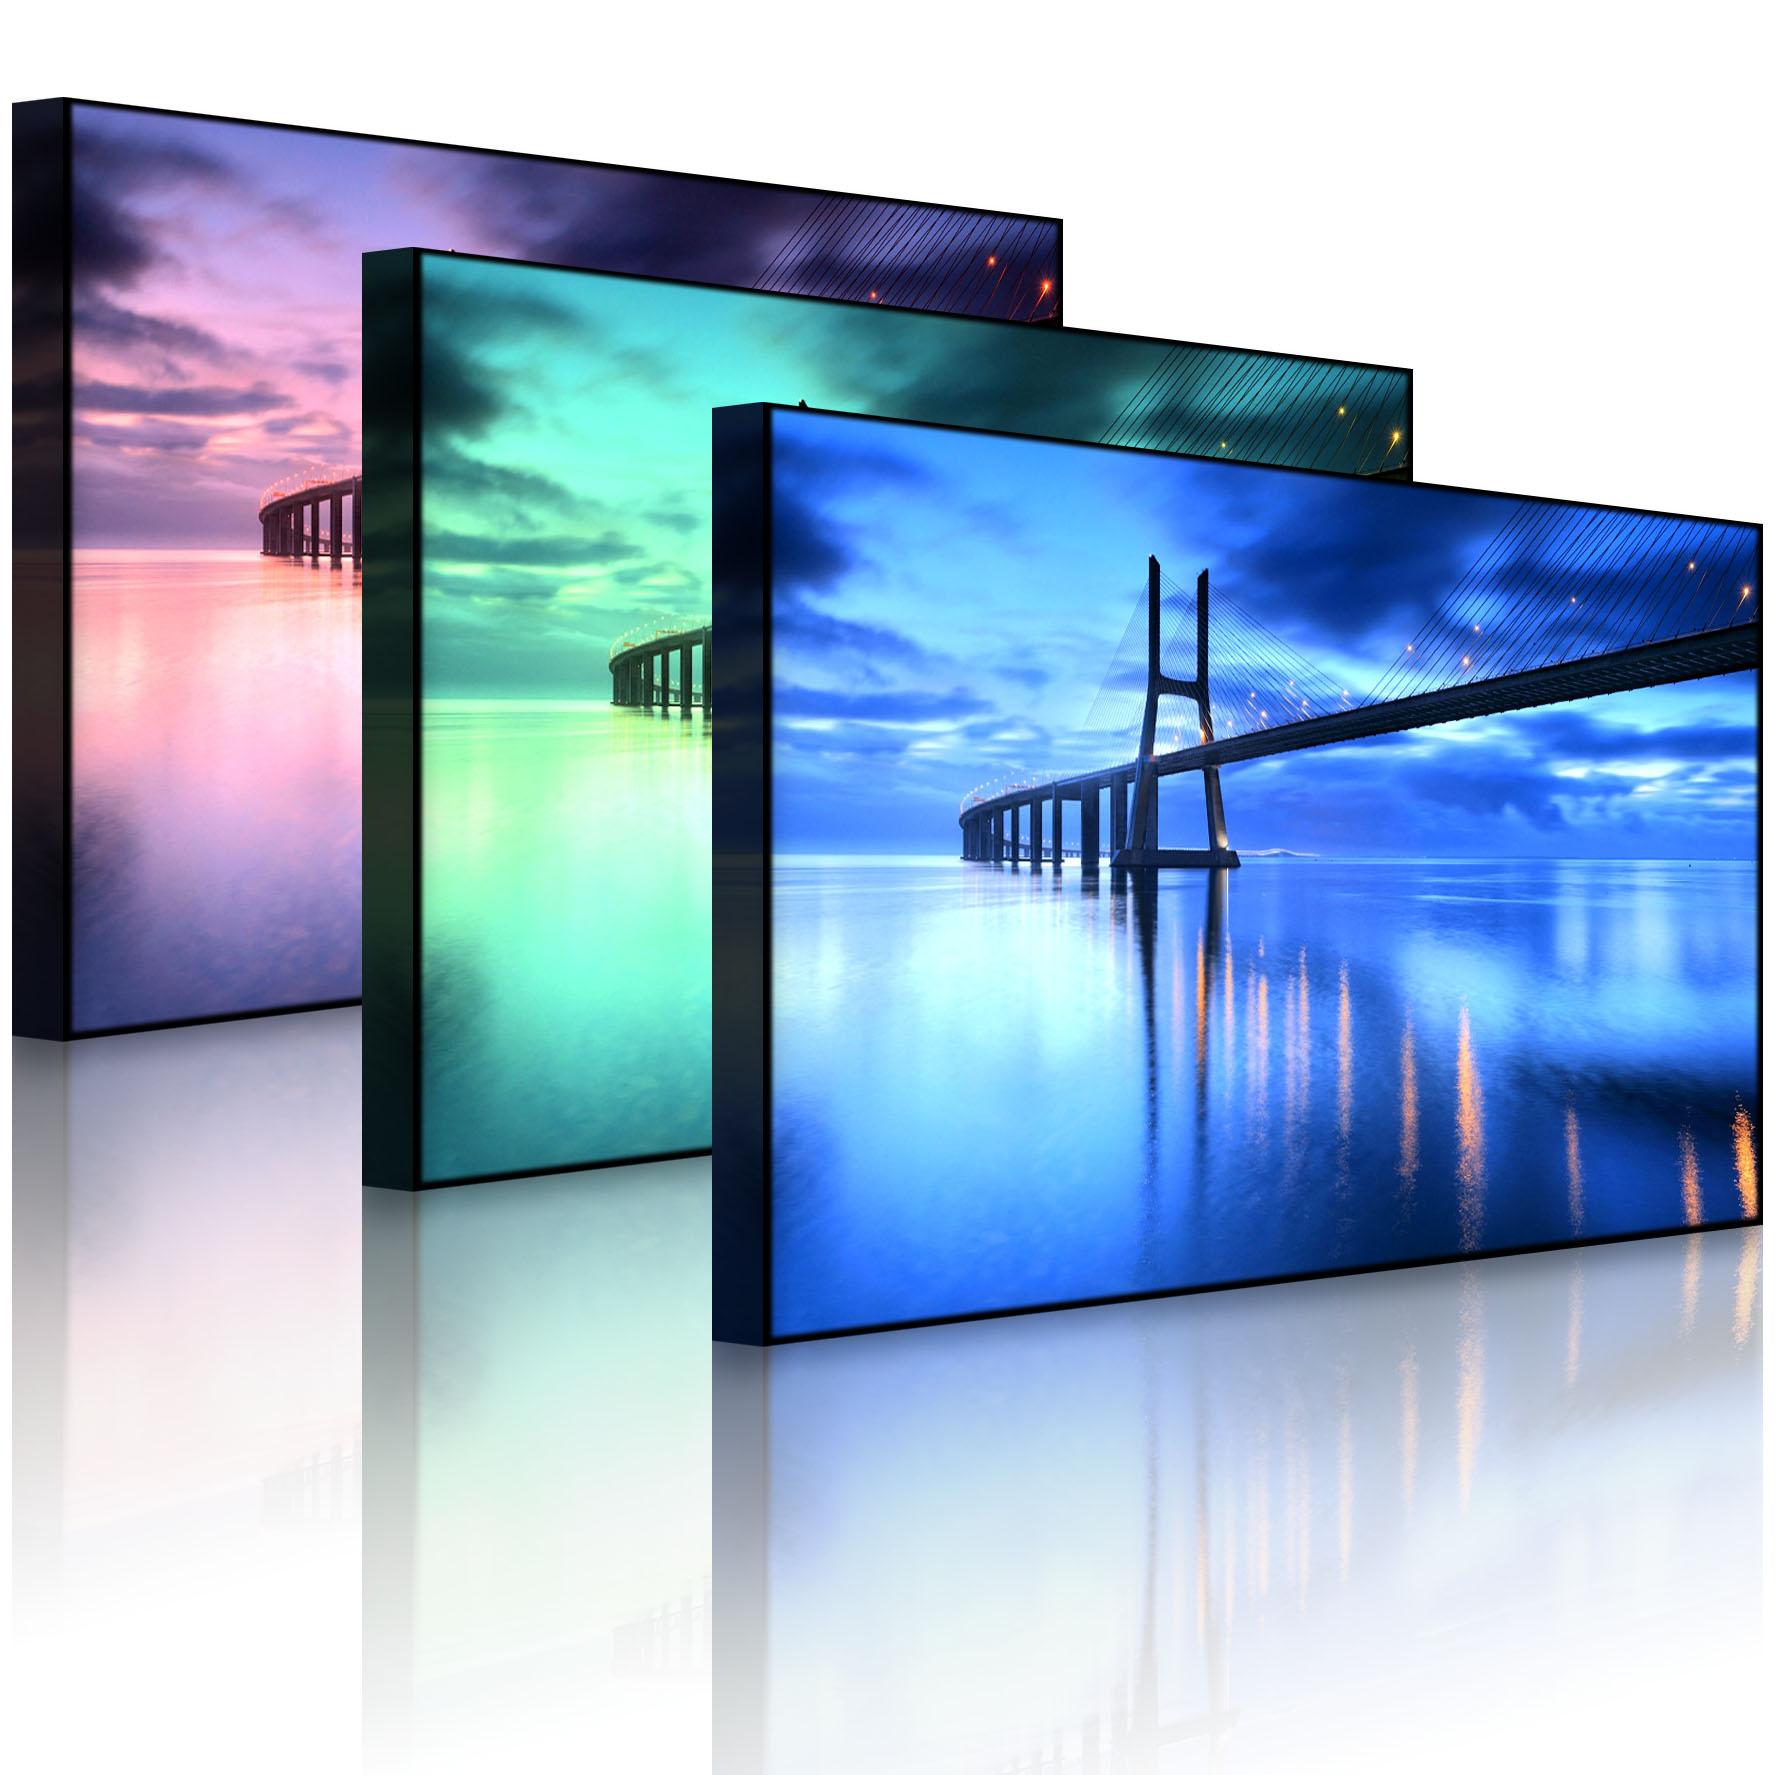 leuchtbild led bild gew ltige br cke ponte vasco da. Black Bedroom Furniture Sets. Home Design Ideas